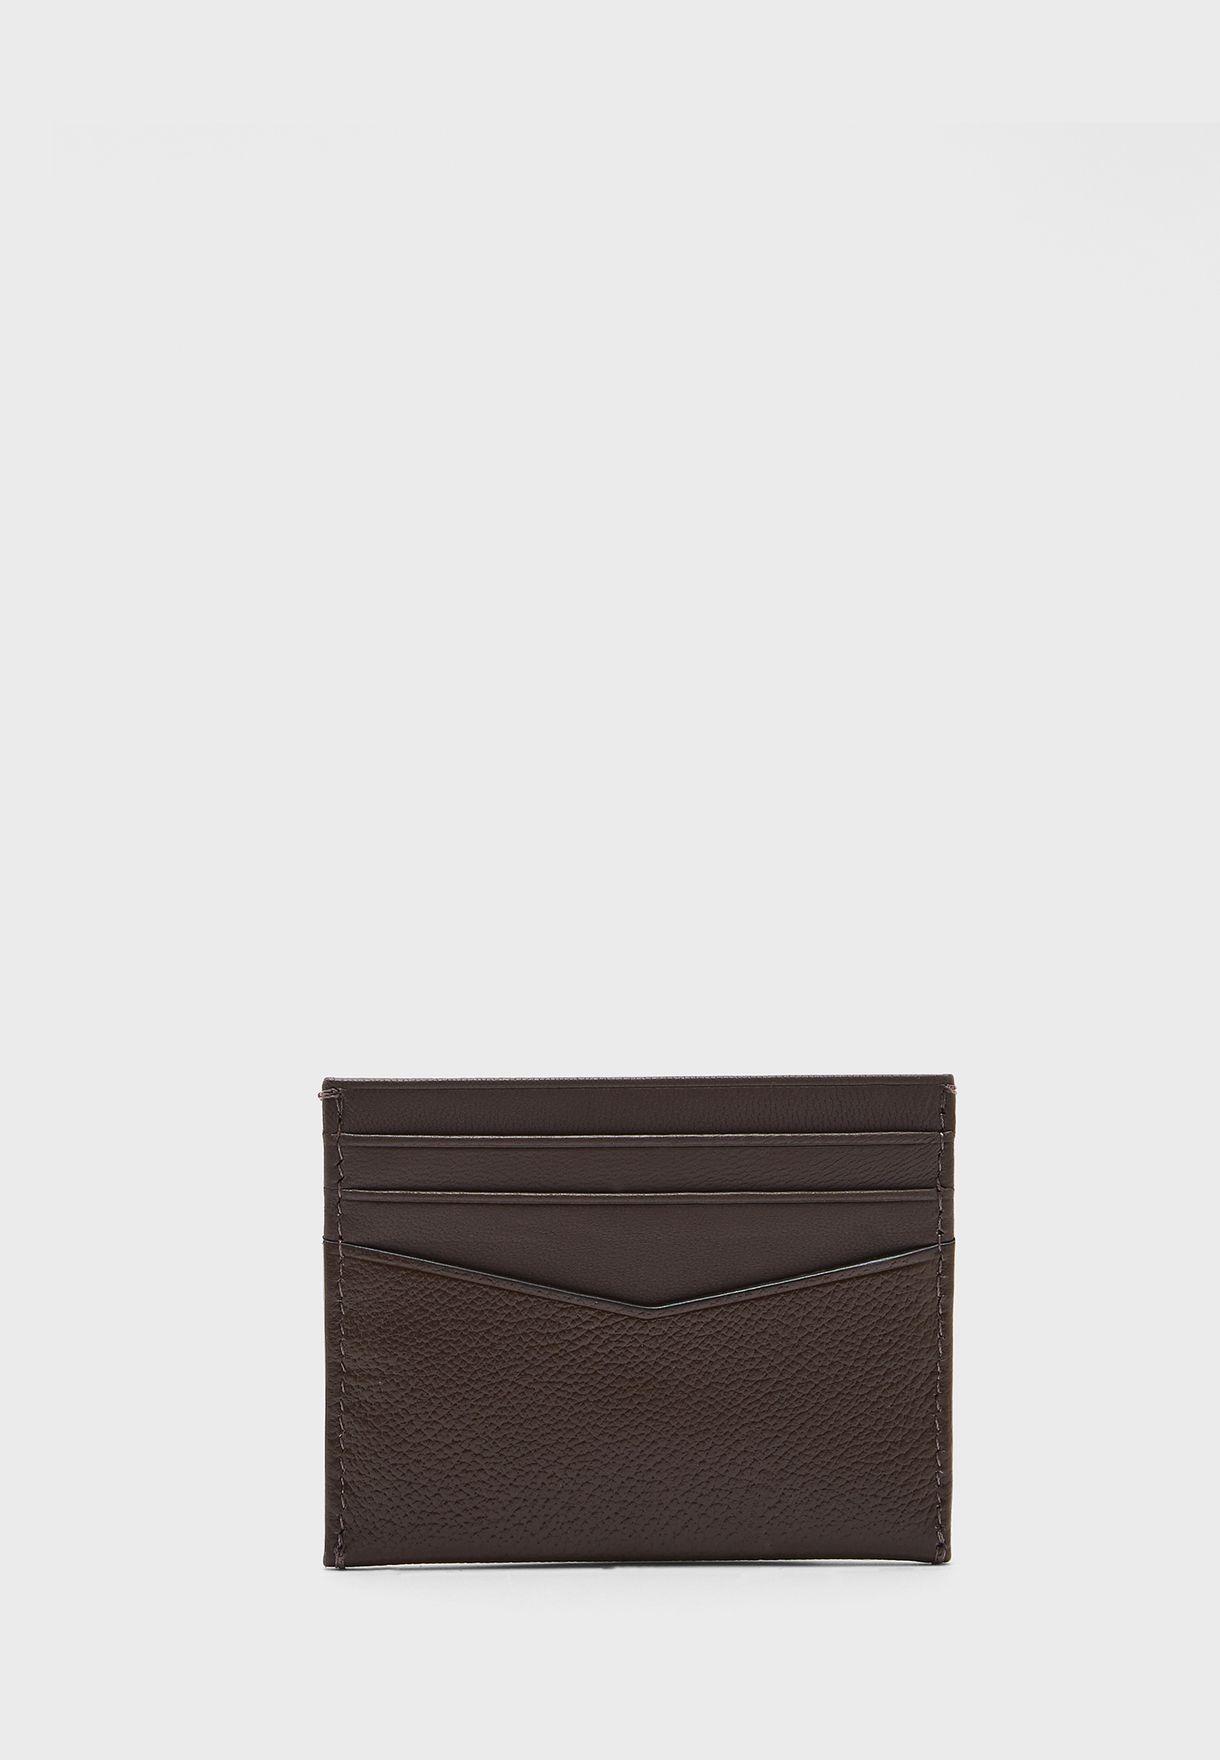 محفظة مزينة بشعار الماركة